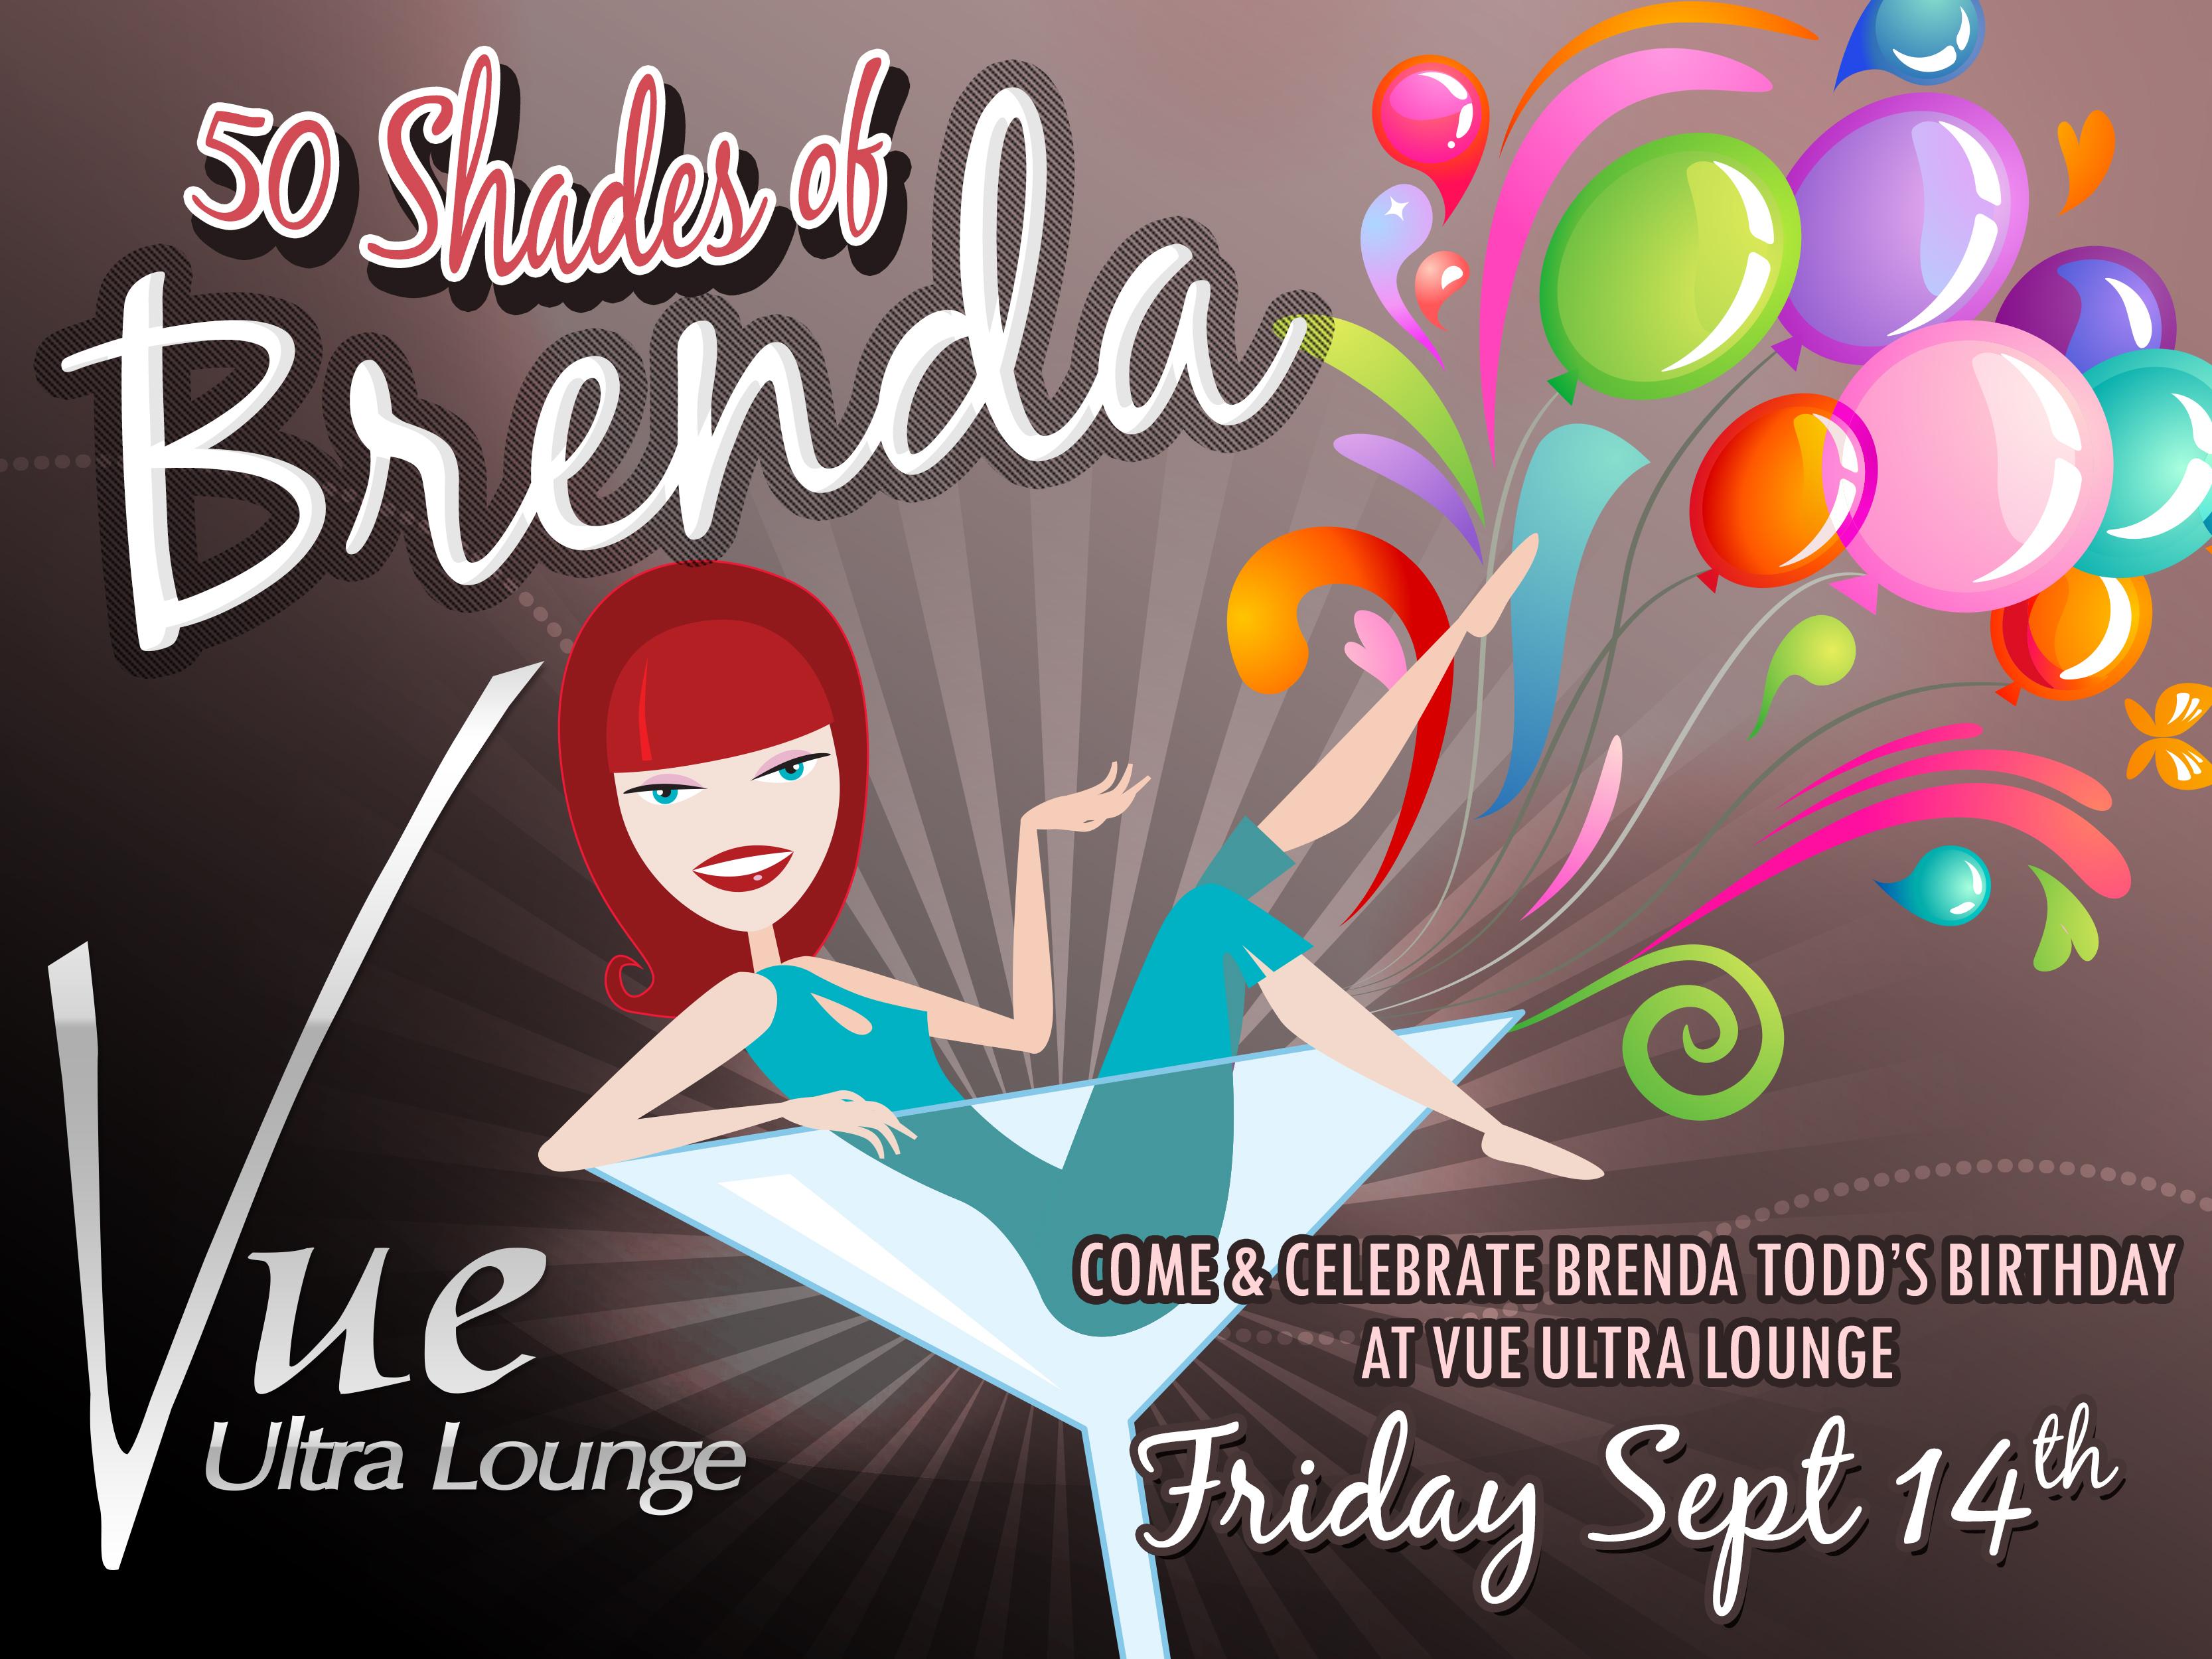 50 Shades of Brenda